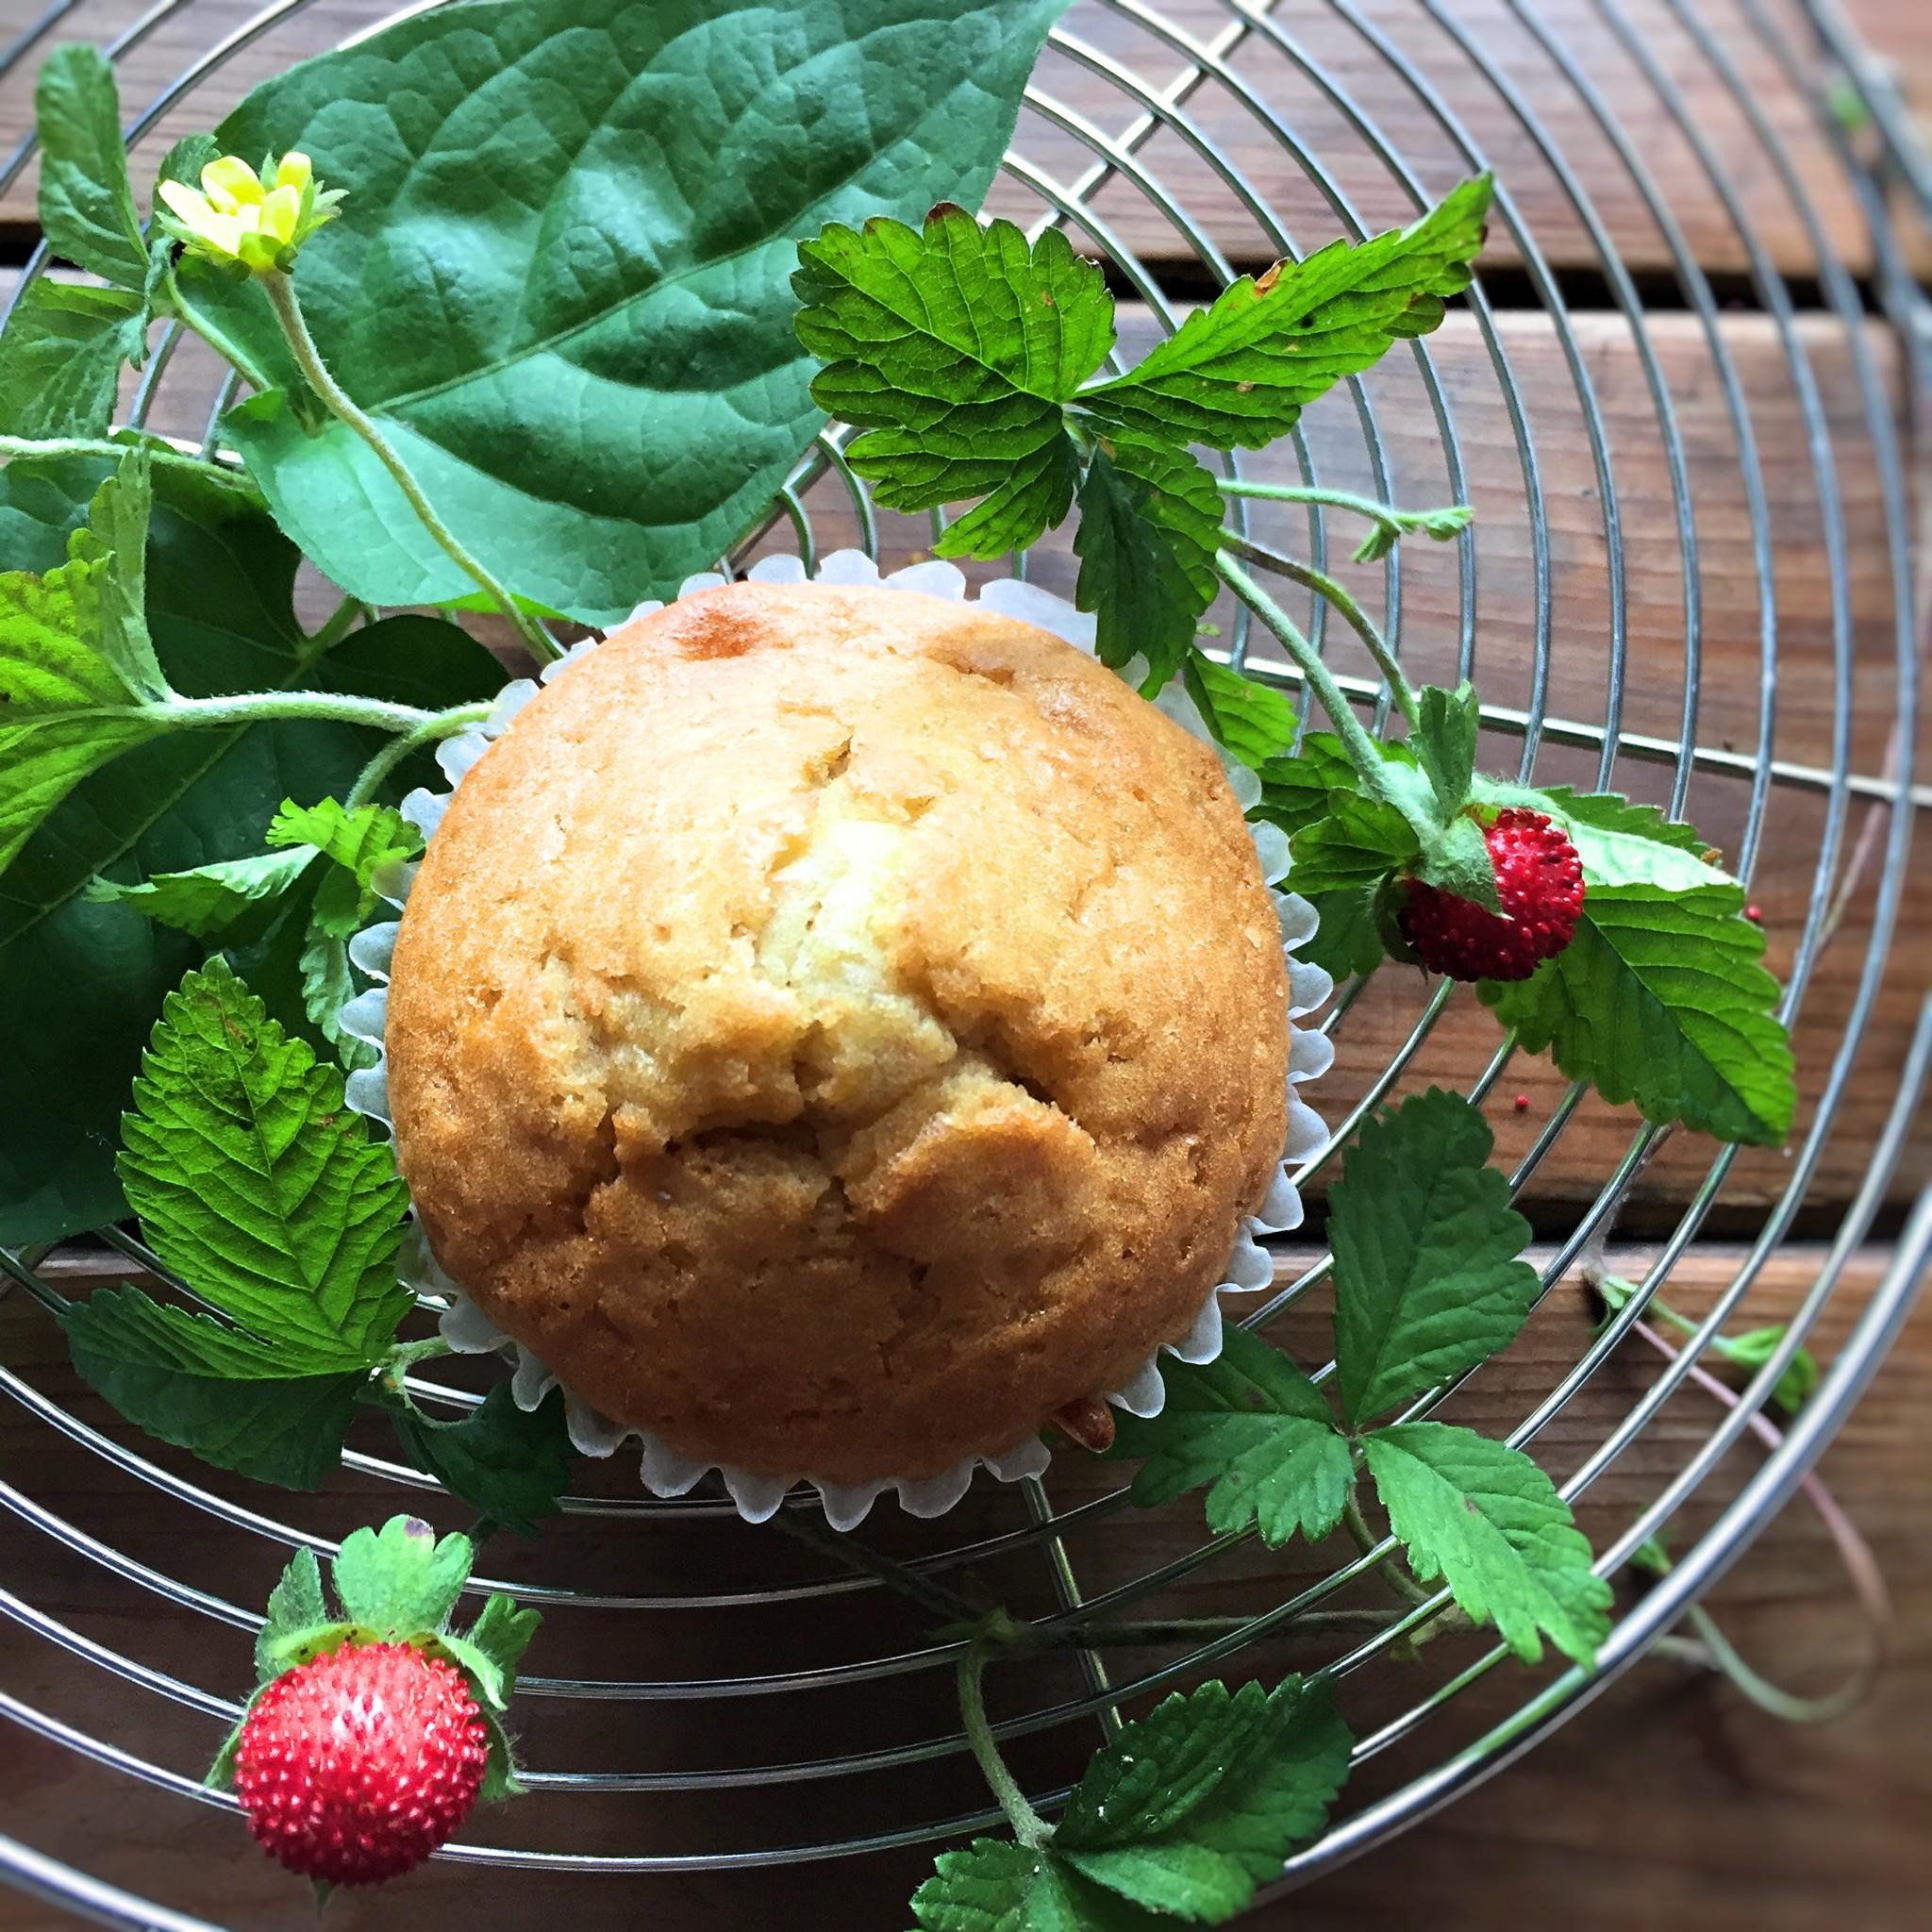 【レシピ紹介】カップケーキ ♪阿波小麦のパンケーキミックス アレンジレシピ♪